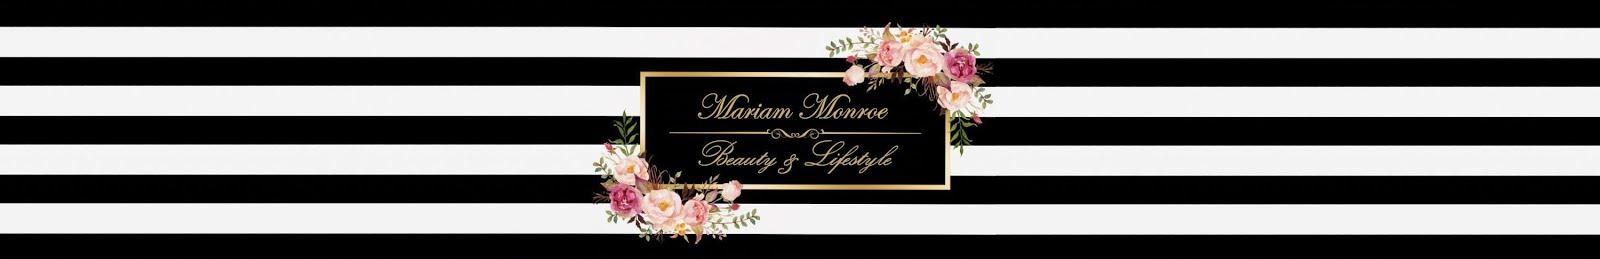 Mariam Monroe